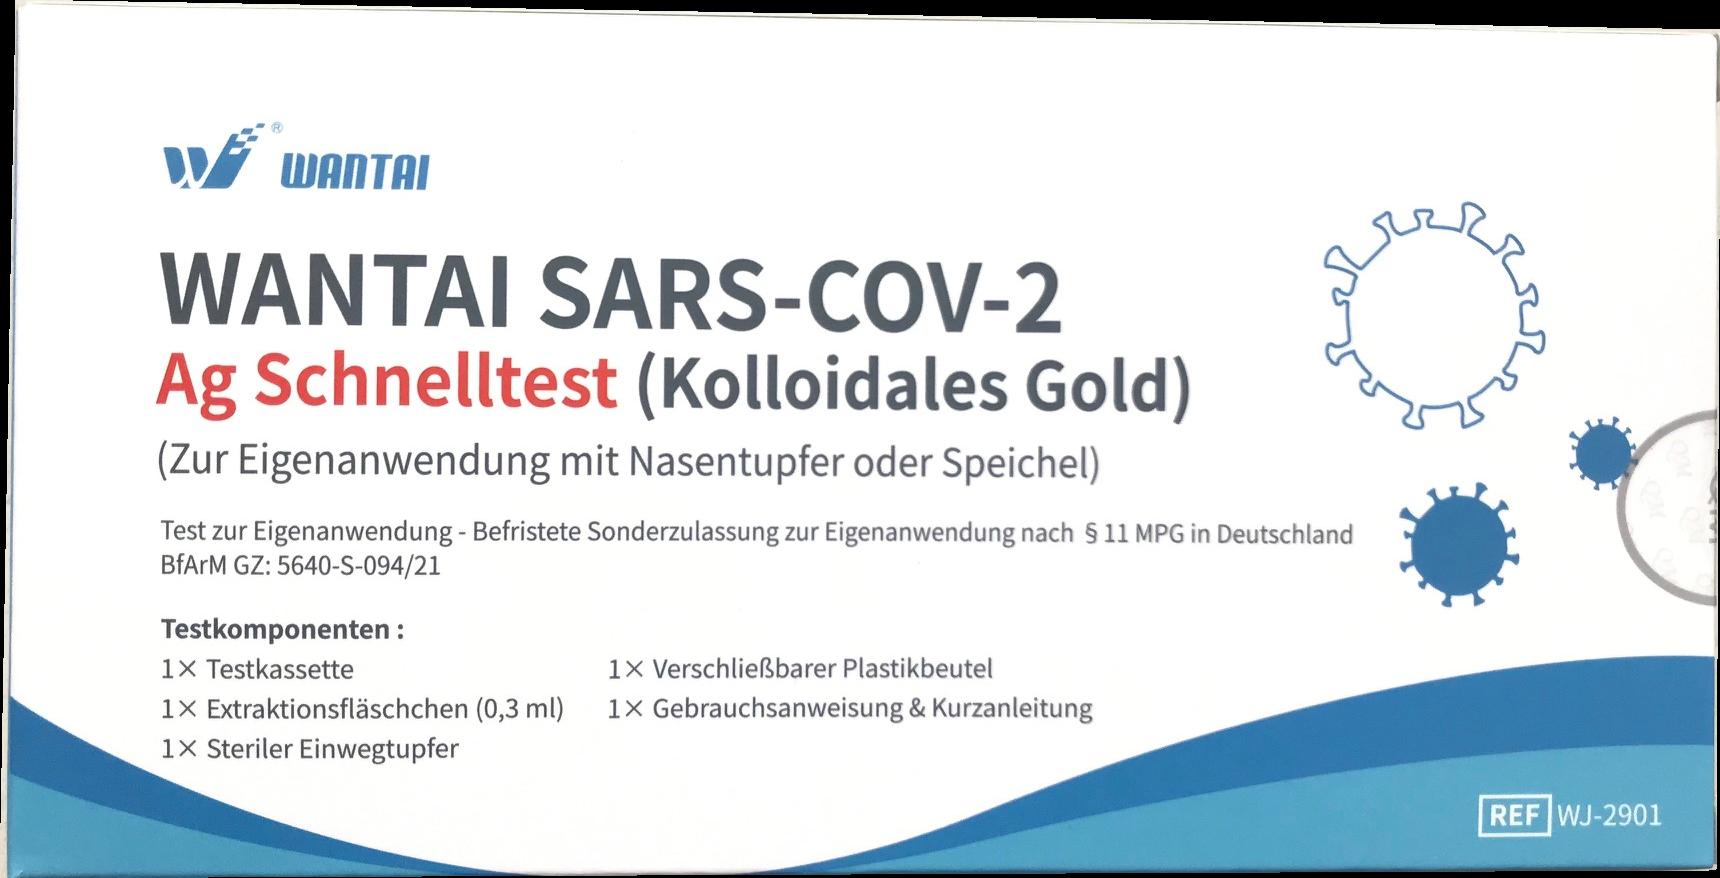 WANTAI SARS-COV-2 Schnelltest zur Eigenanwendung(einzeln verpackt)